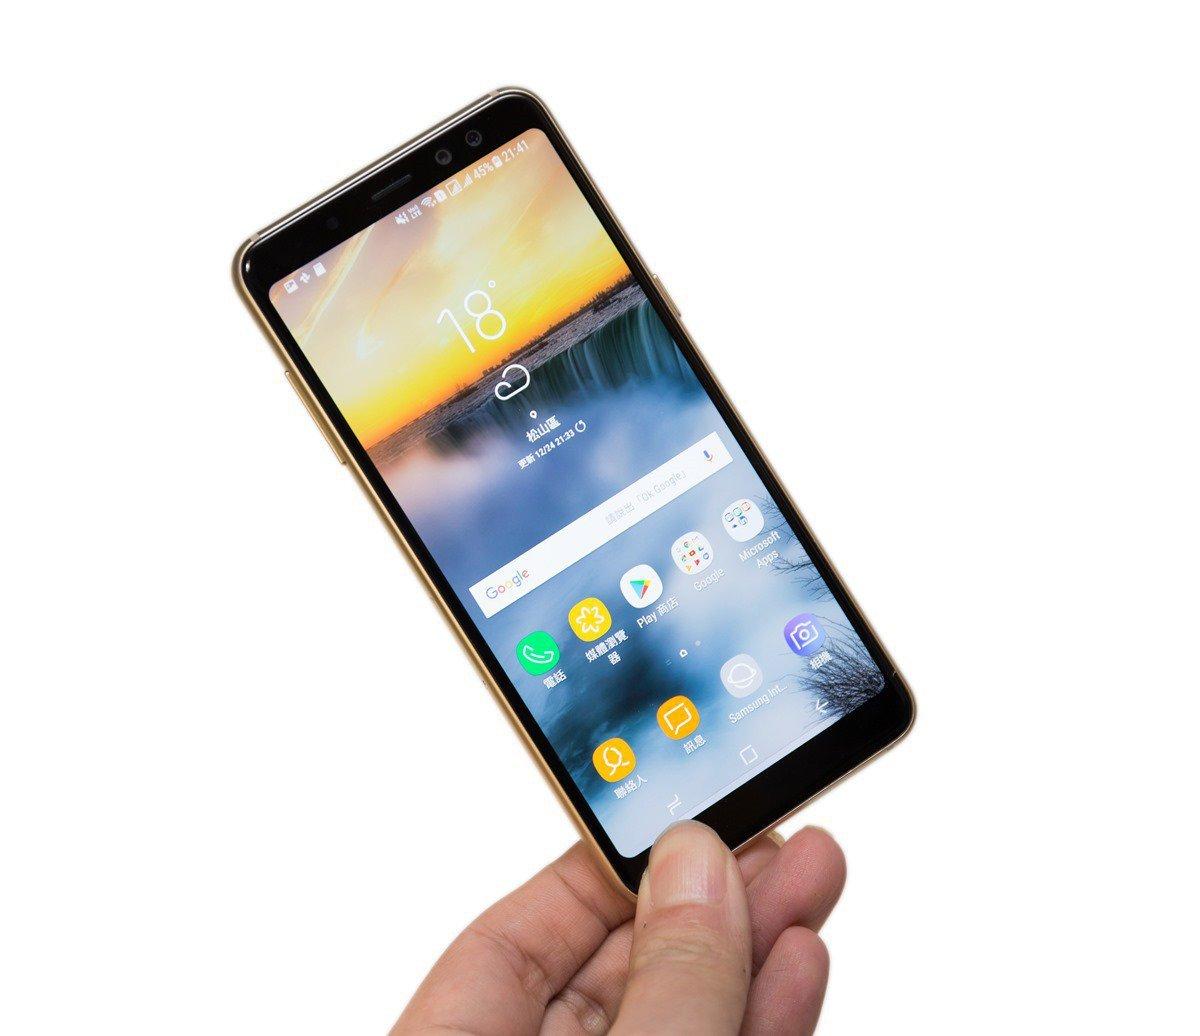 不僅旗艦機才有!Samsung Galaxy A8 (2018) 功能一次到位!全螢幕 + 防水 + 雙鏡頭美美拍